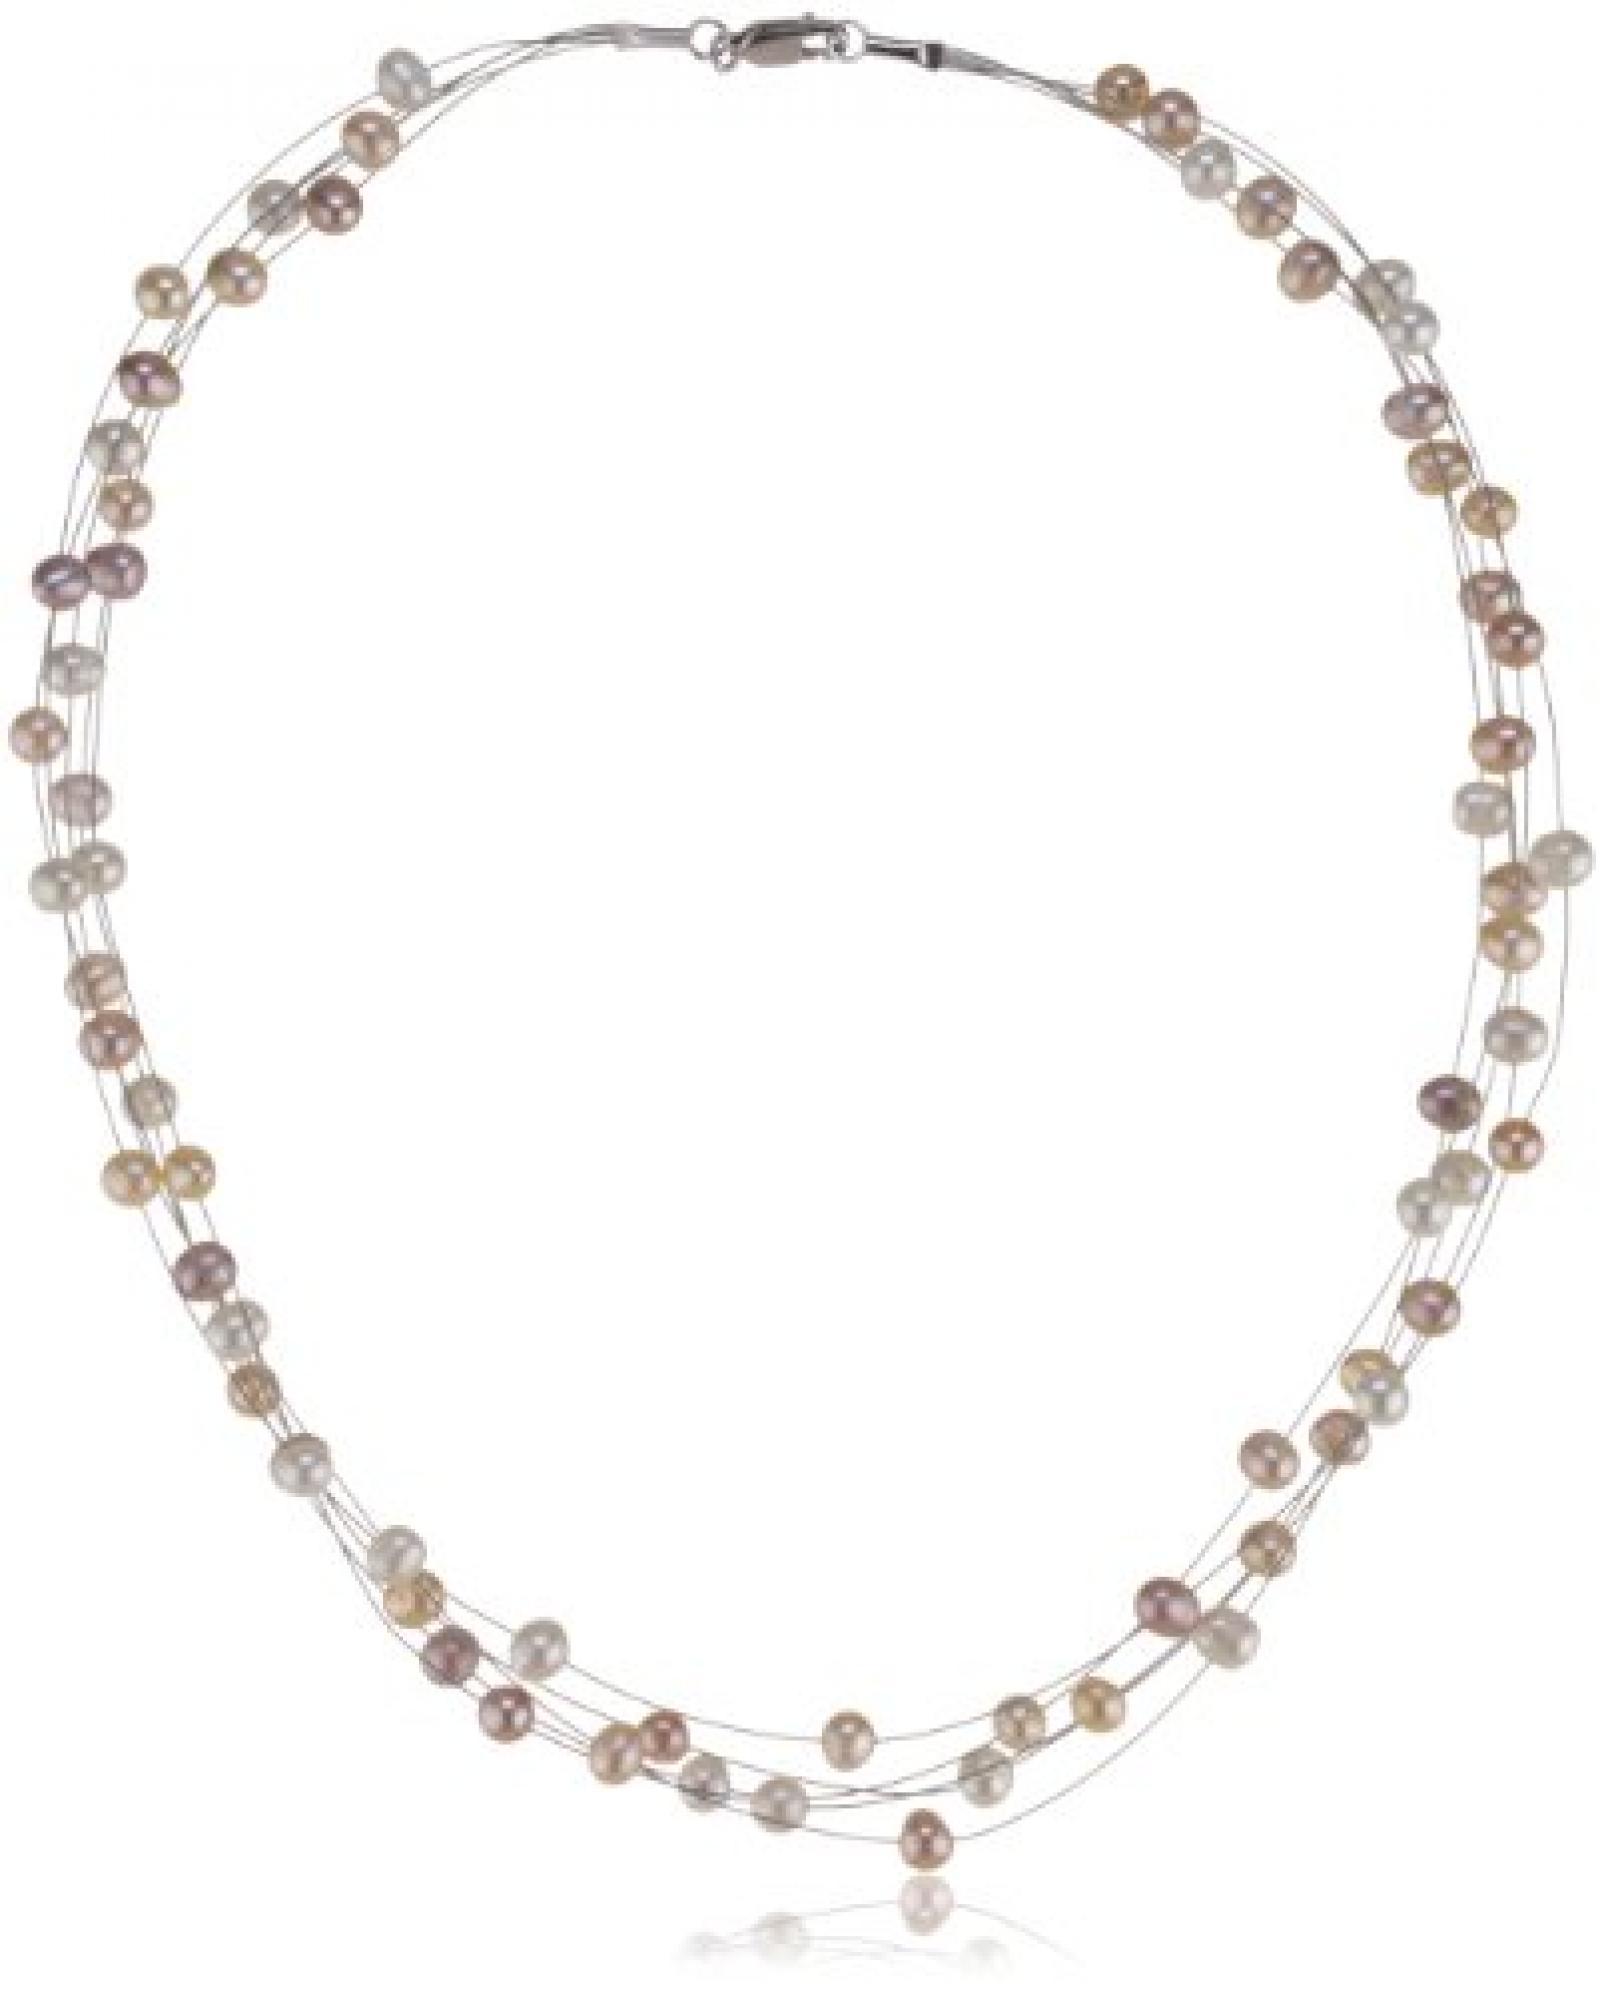 Valero Pearls Classic Collection Damen-Kette Hochwertige Süßwasser-Zuchtperlen in ca.  6 mm Oval weiß / apricot / flieder 925 Sterling Silber    43 cm